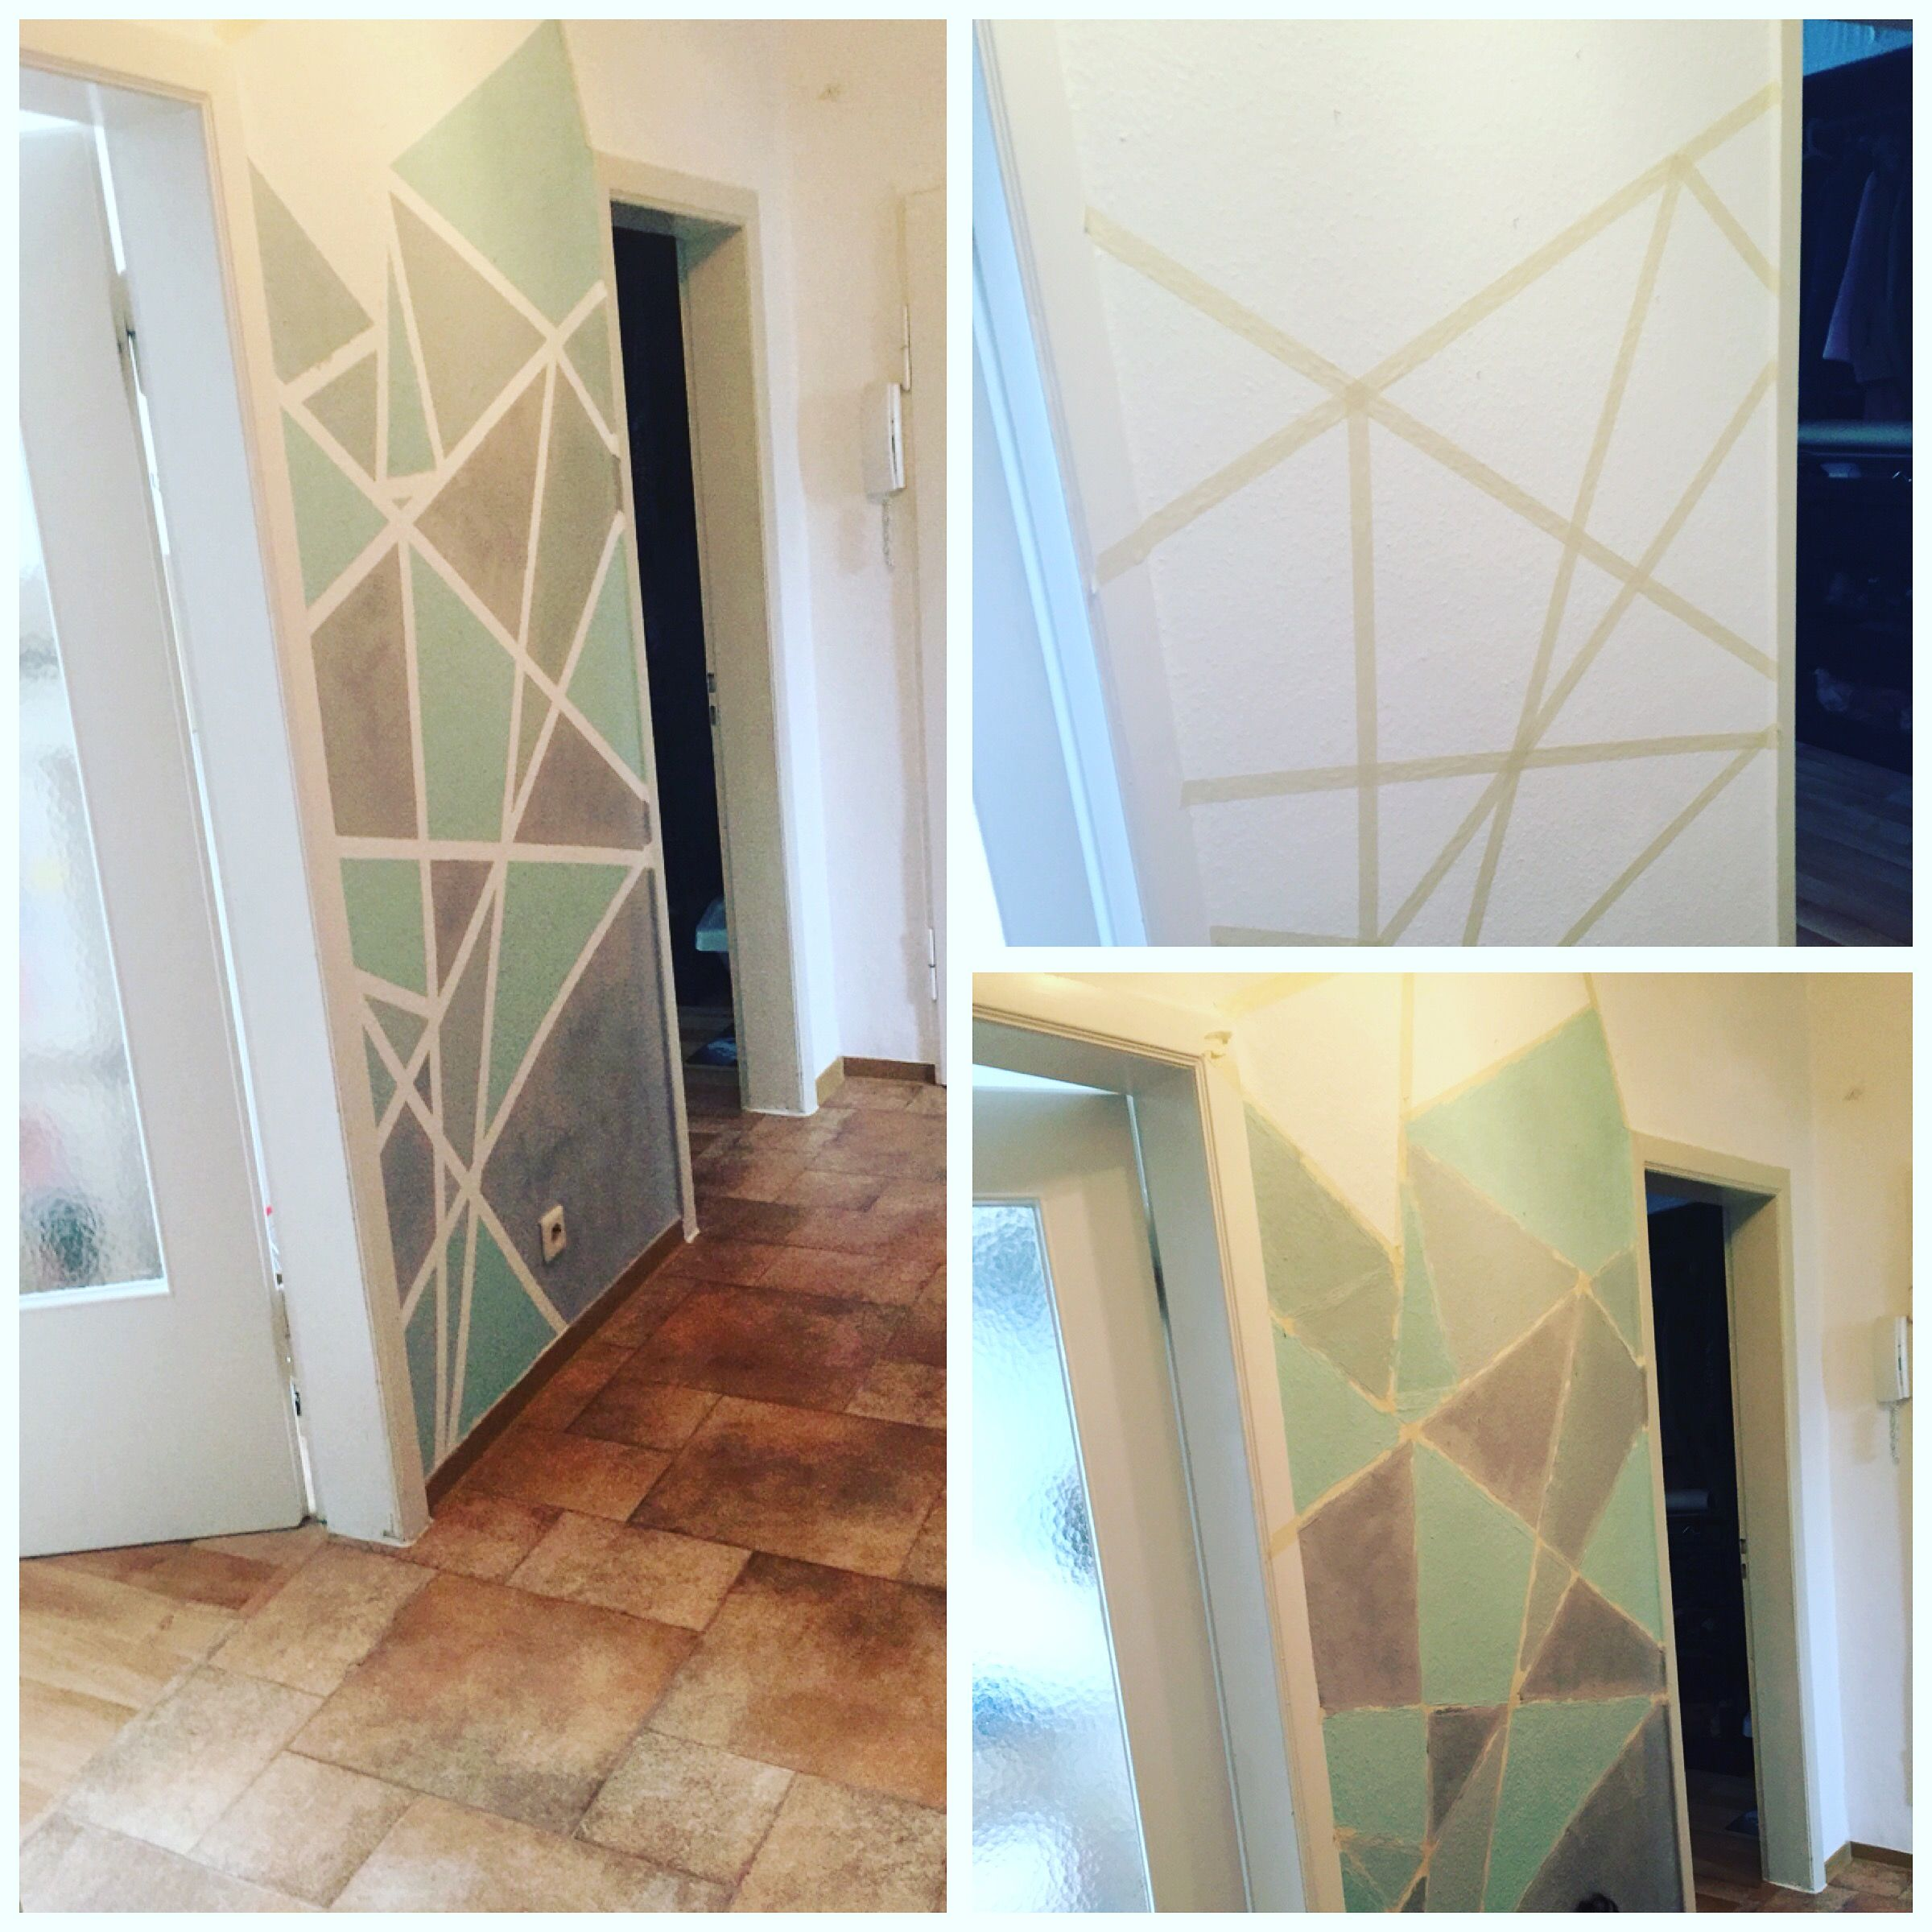 Wandgestatung Materialien Klebeband Vom Baumarkt Wandfarben